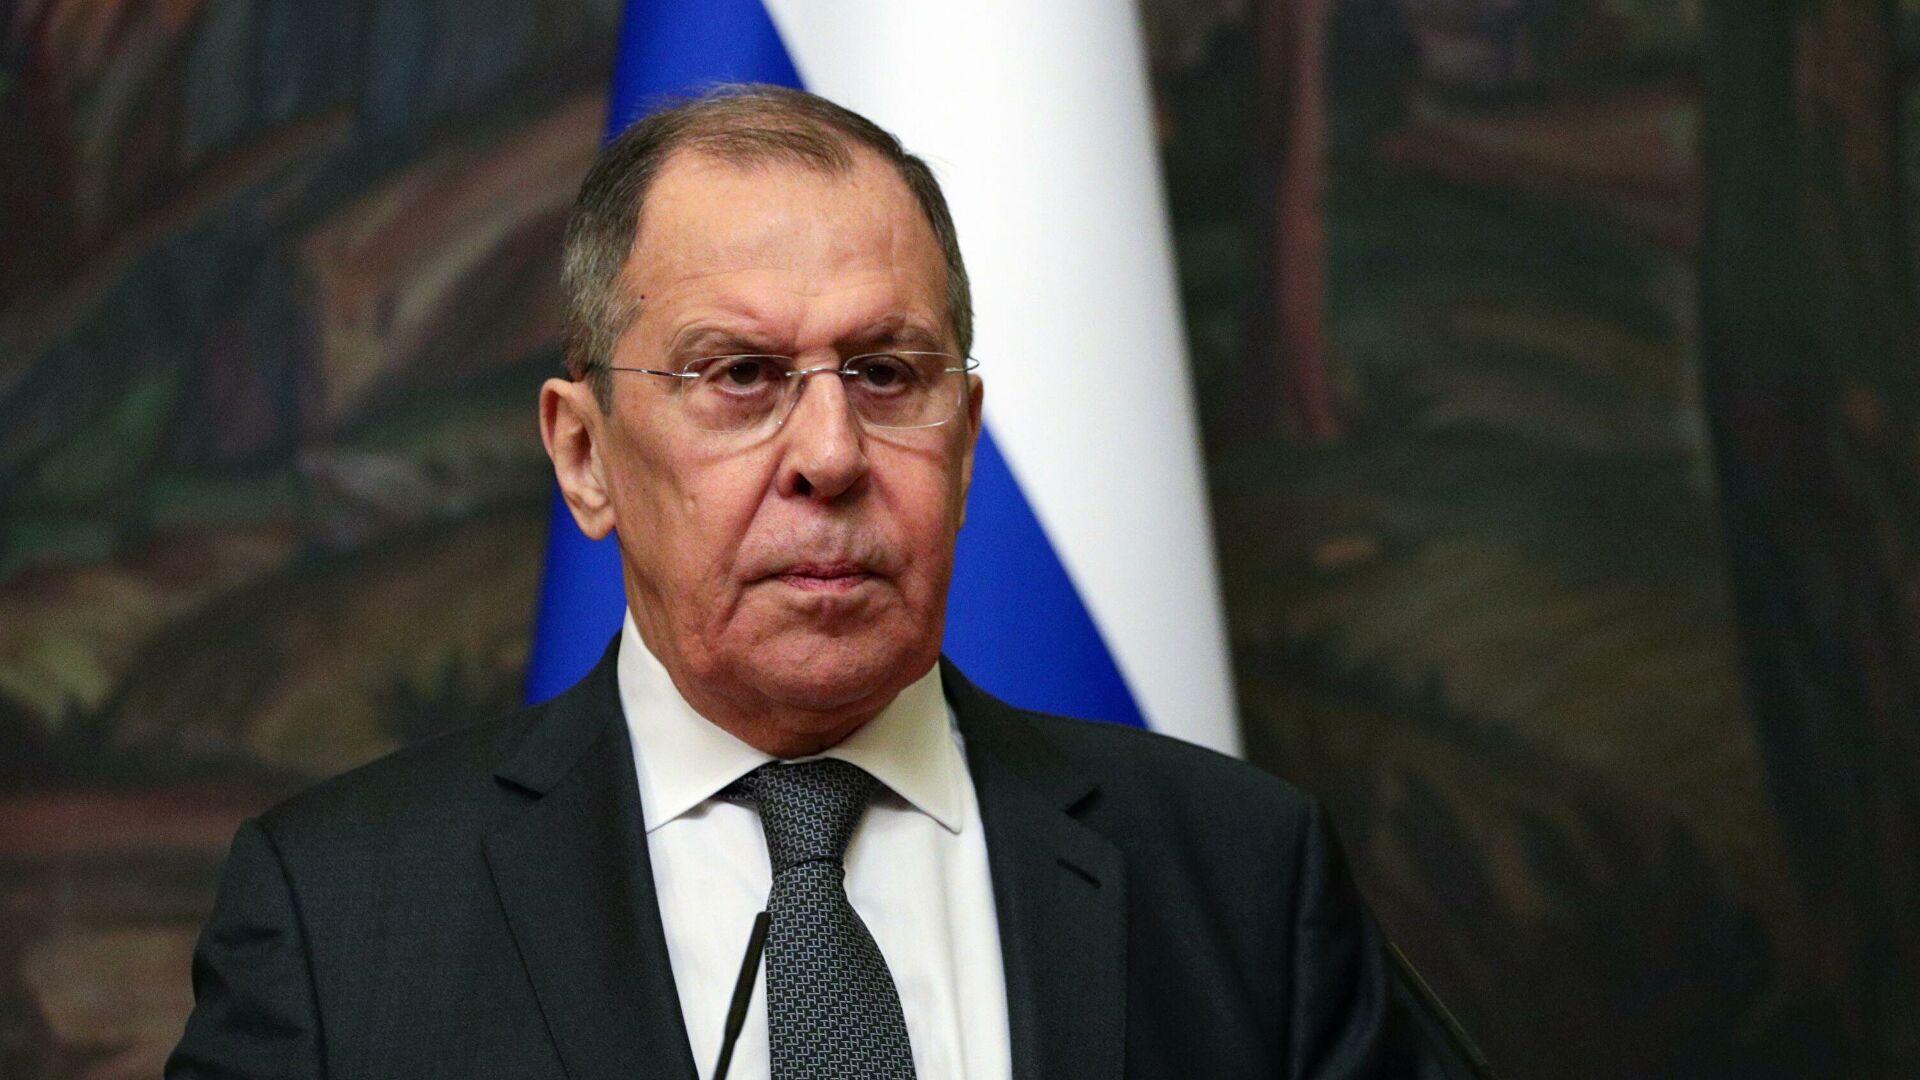 Лавров: Не може им се веровати западним партнерима и ослањати се на њих као на поуздане